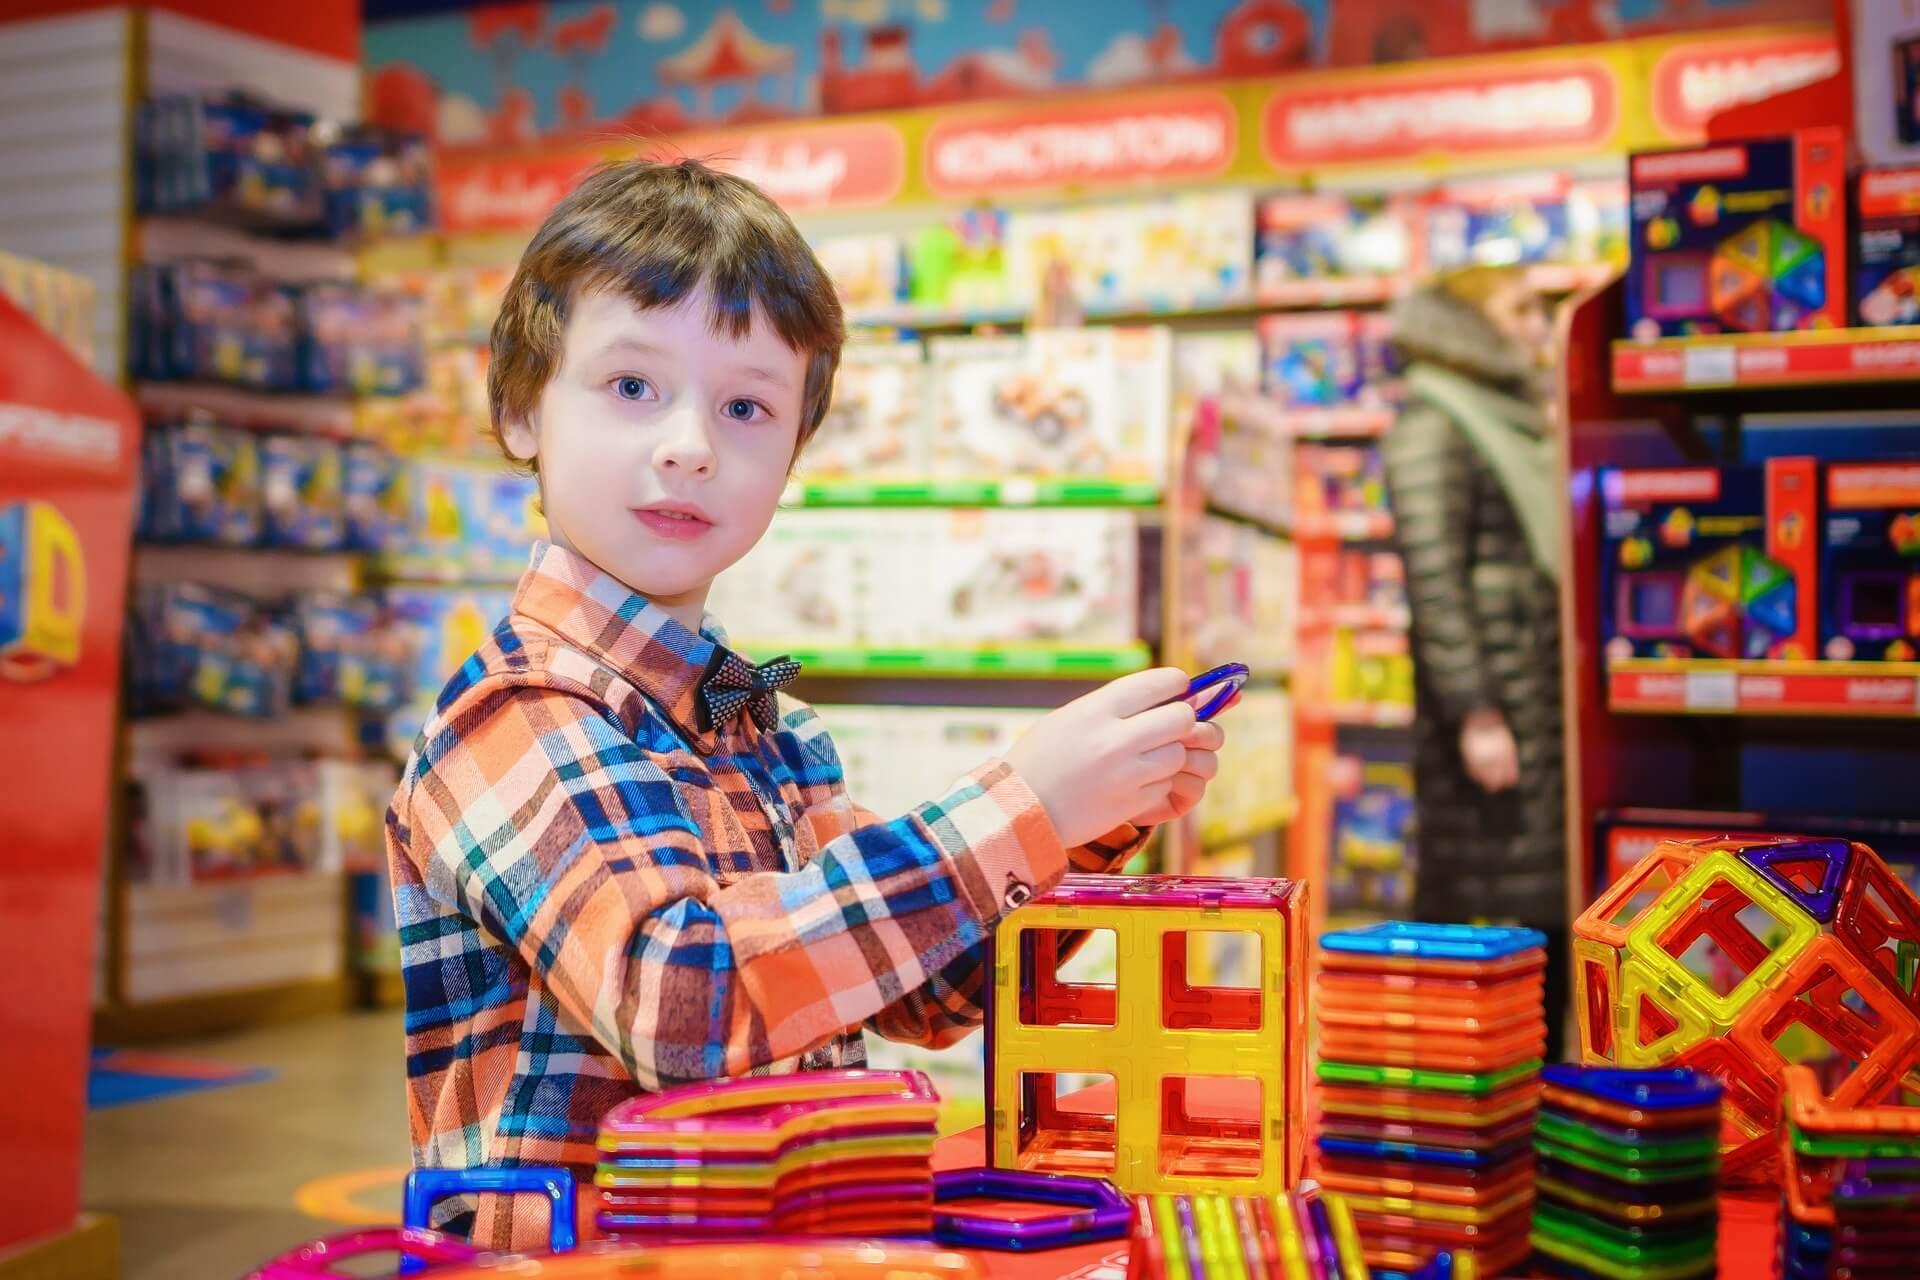 vaikas-zaislai-parduotuve-poreikiai.jpg